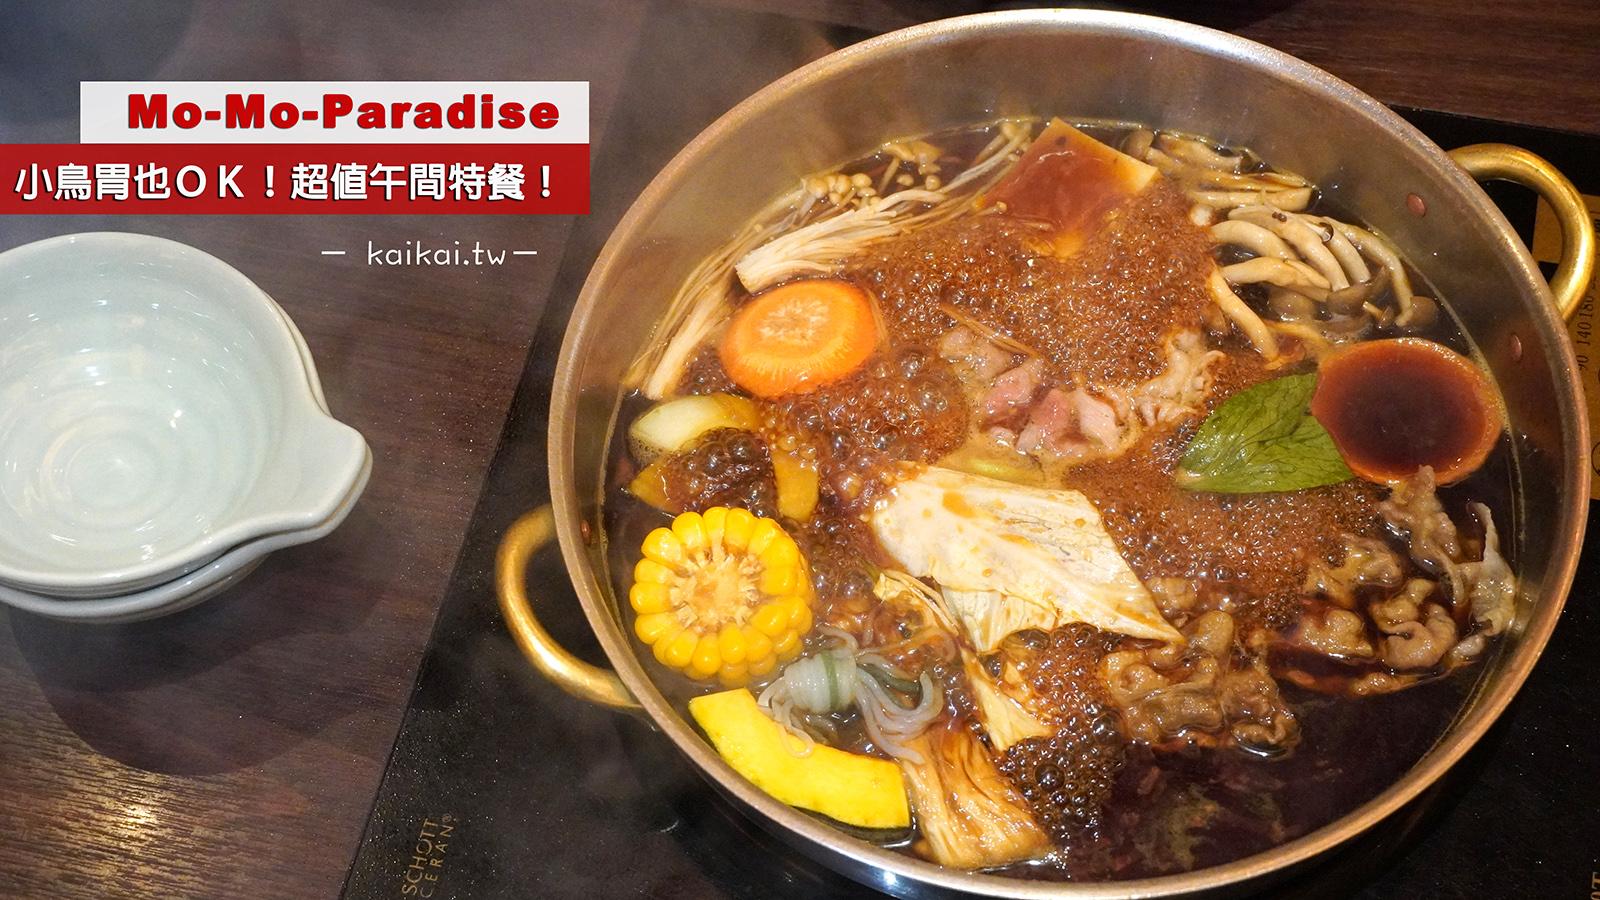 即時熱門文章:☆【新北|先嗇宮站】小鳥胃的一人壽喜燒。Mo Mo Paradise超值商業午餐